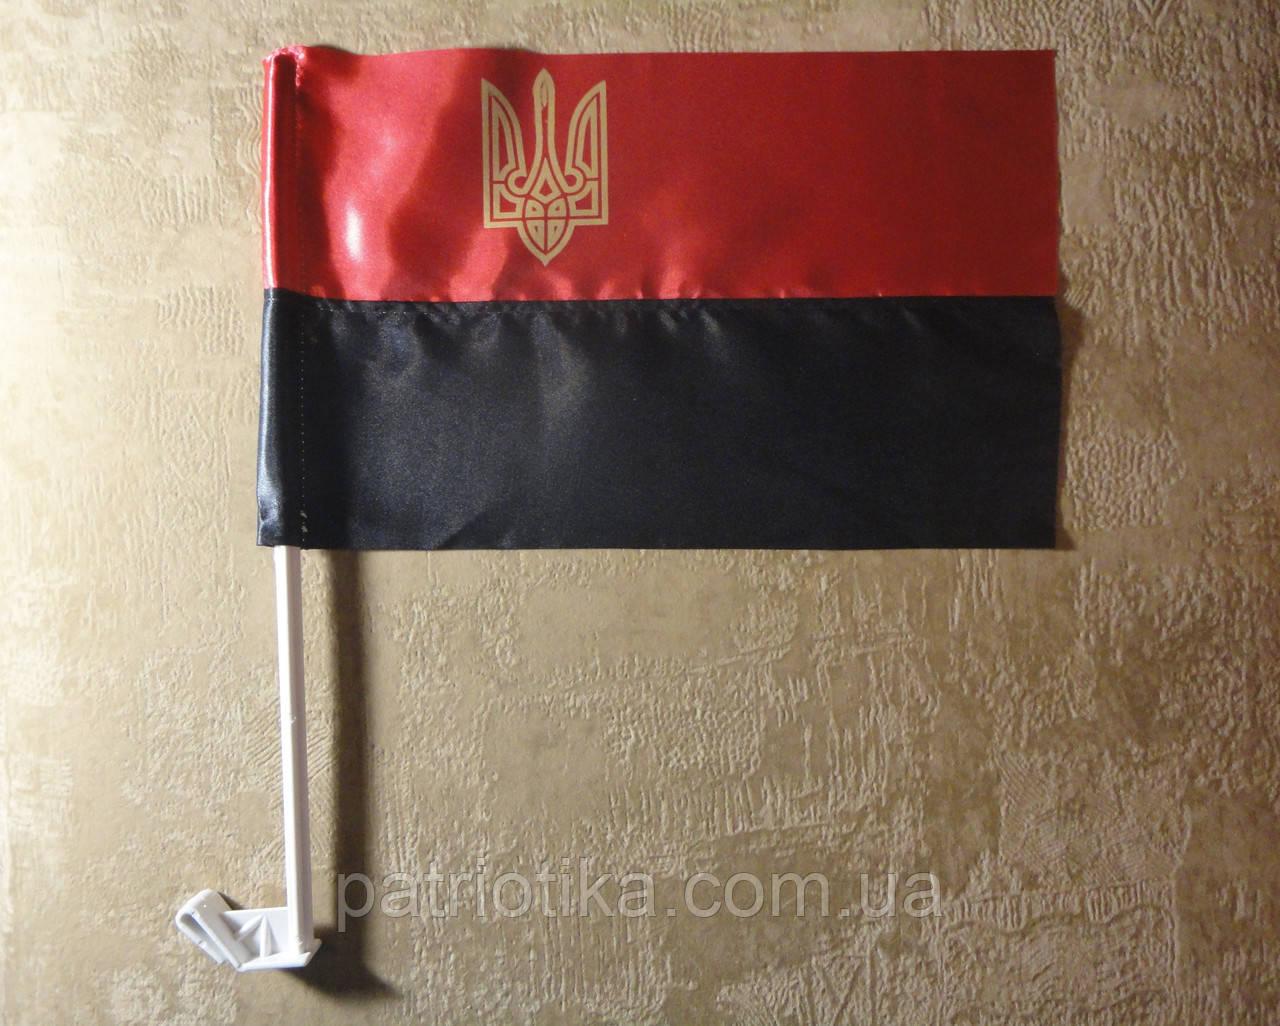 Прапор УПА атлас з тризубом 37х24см   Прапор УПА атлас з тризубом 37х24см